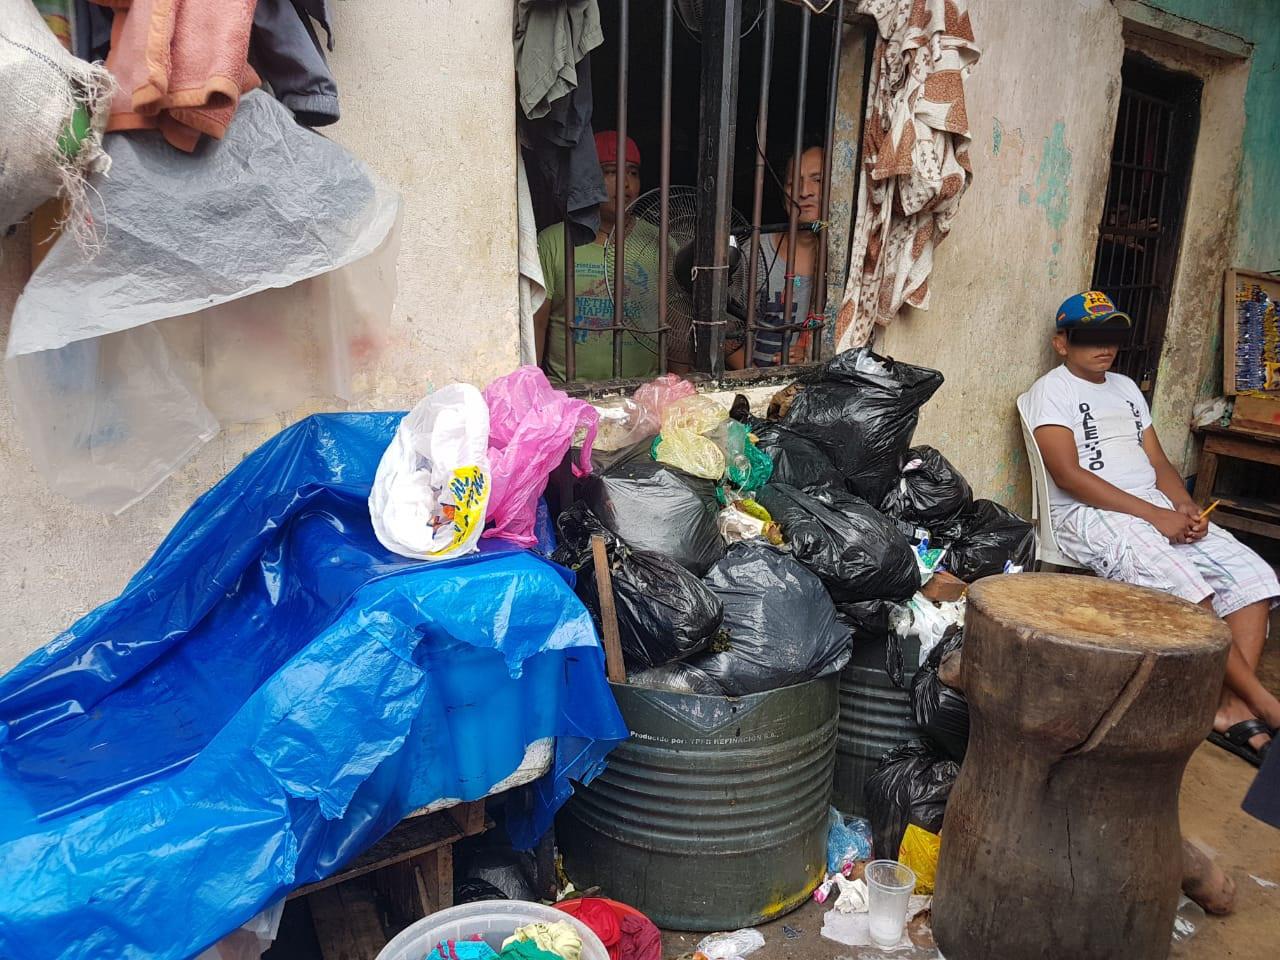 En la mayoría de los 52 recintos penitenciarios del país la gente debe convivir entre la basura y la enfermedad